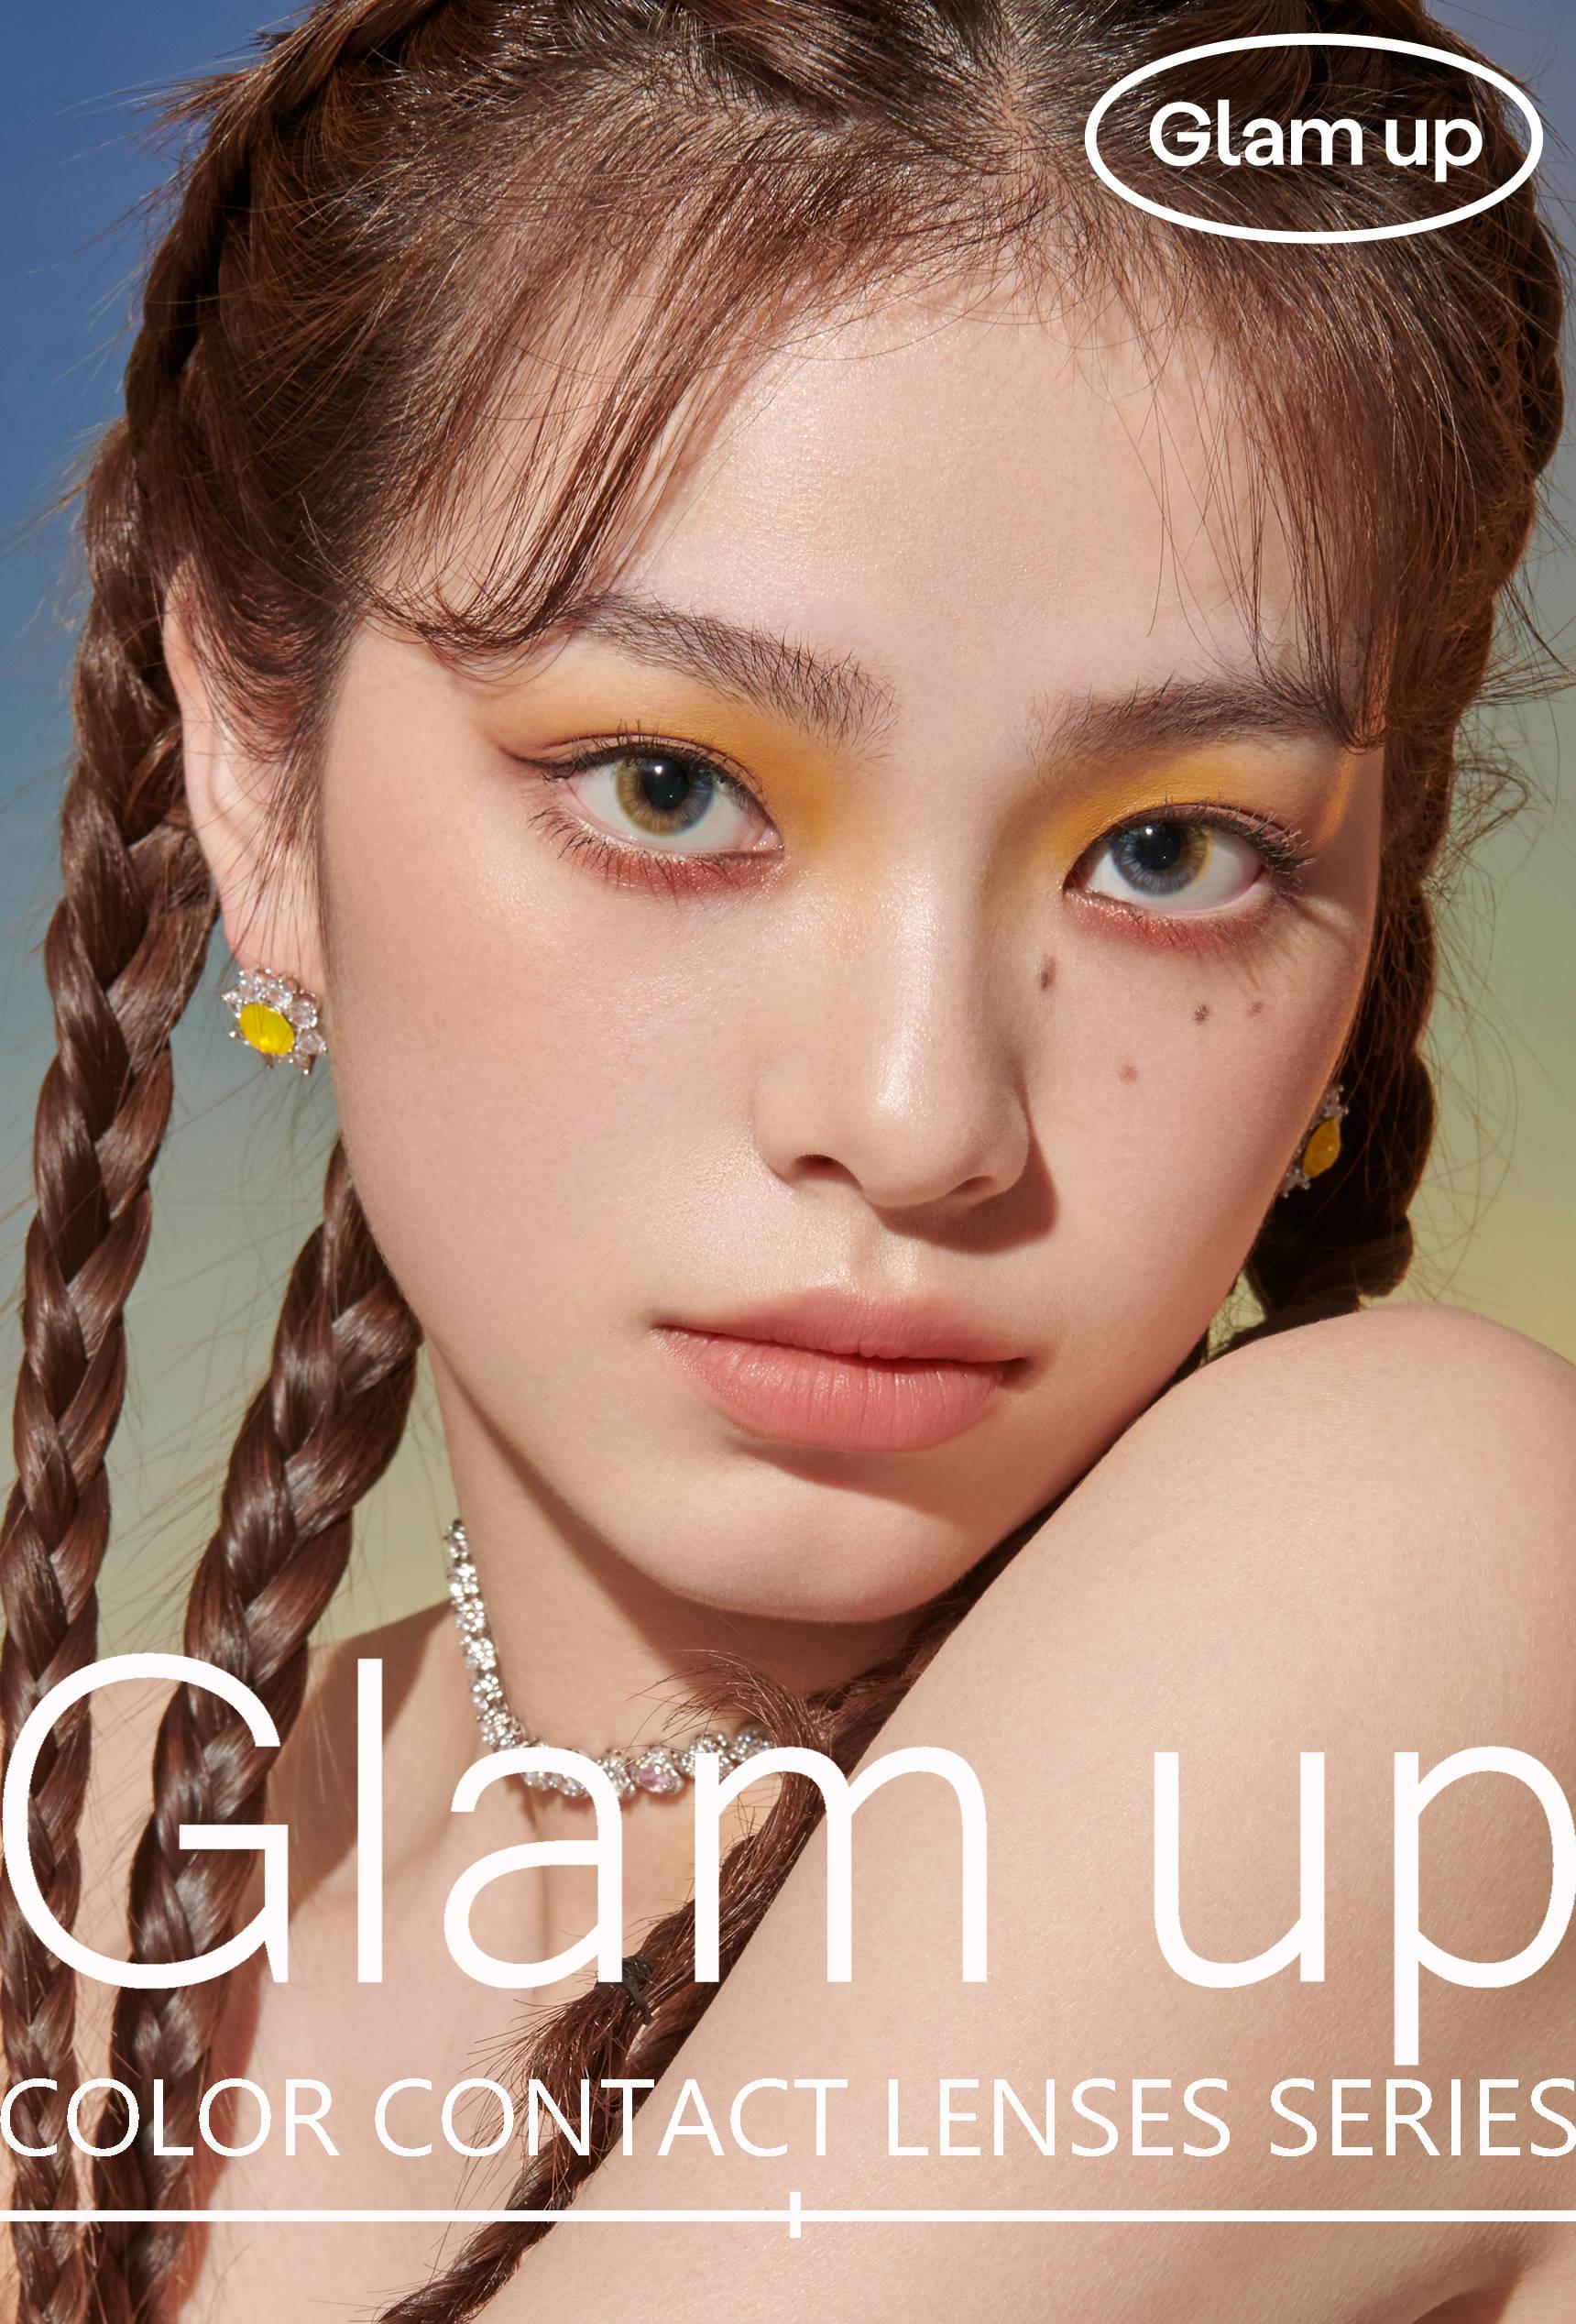 Glamup美幕:从饭圈爆品到新彩妆用彩妆概念重塑彩瞳